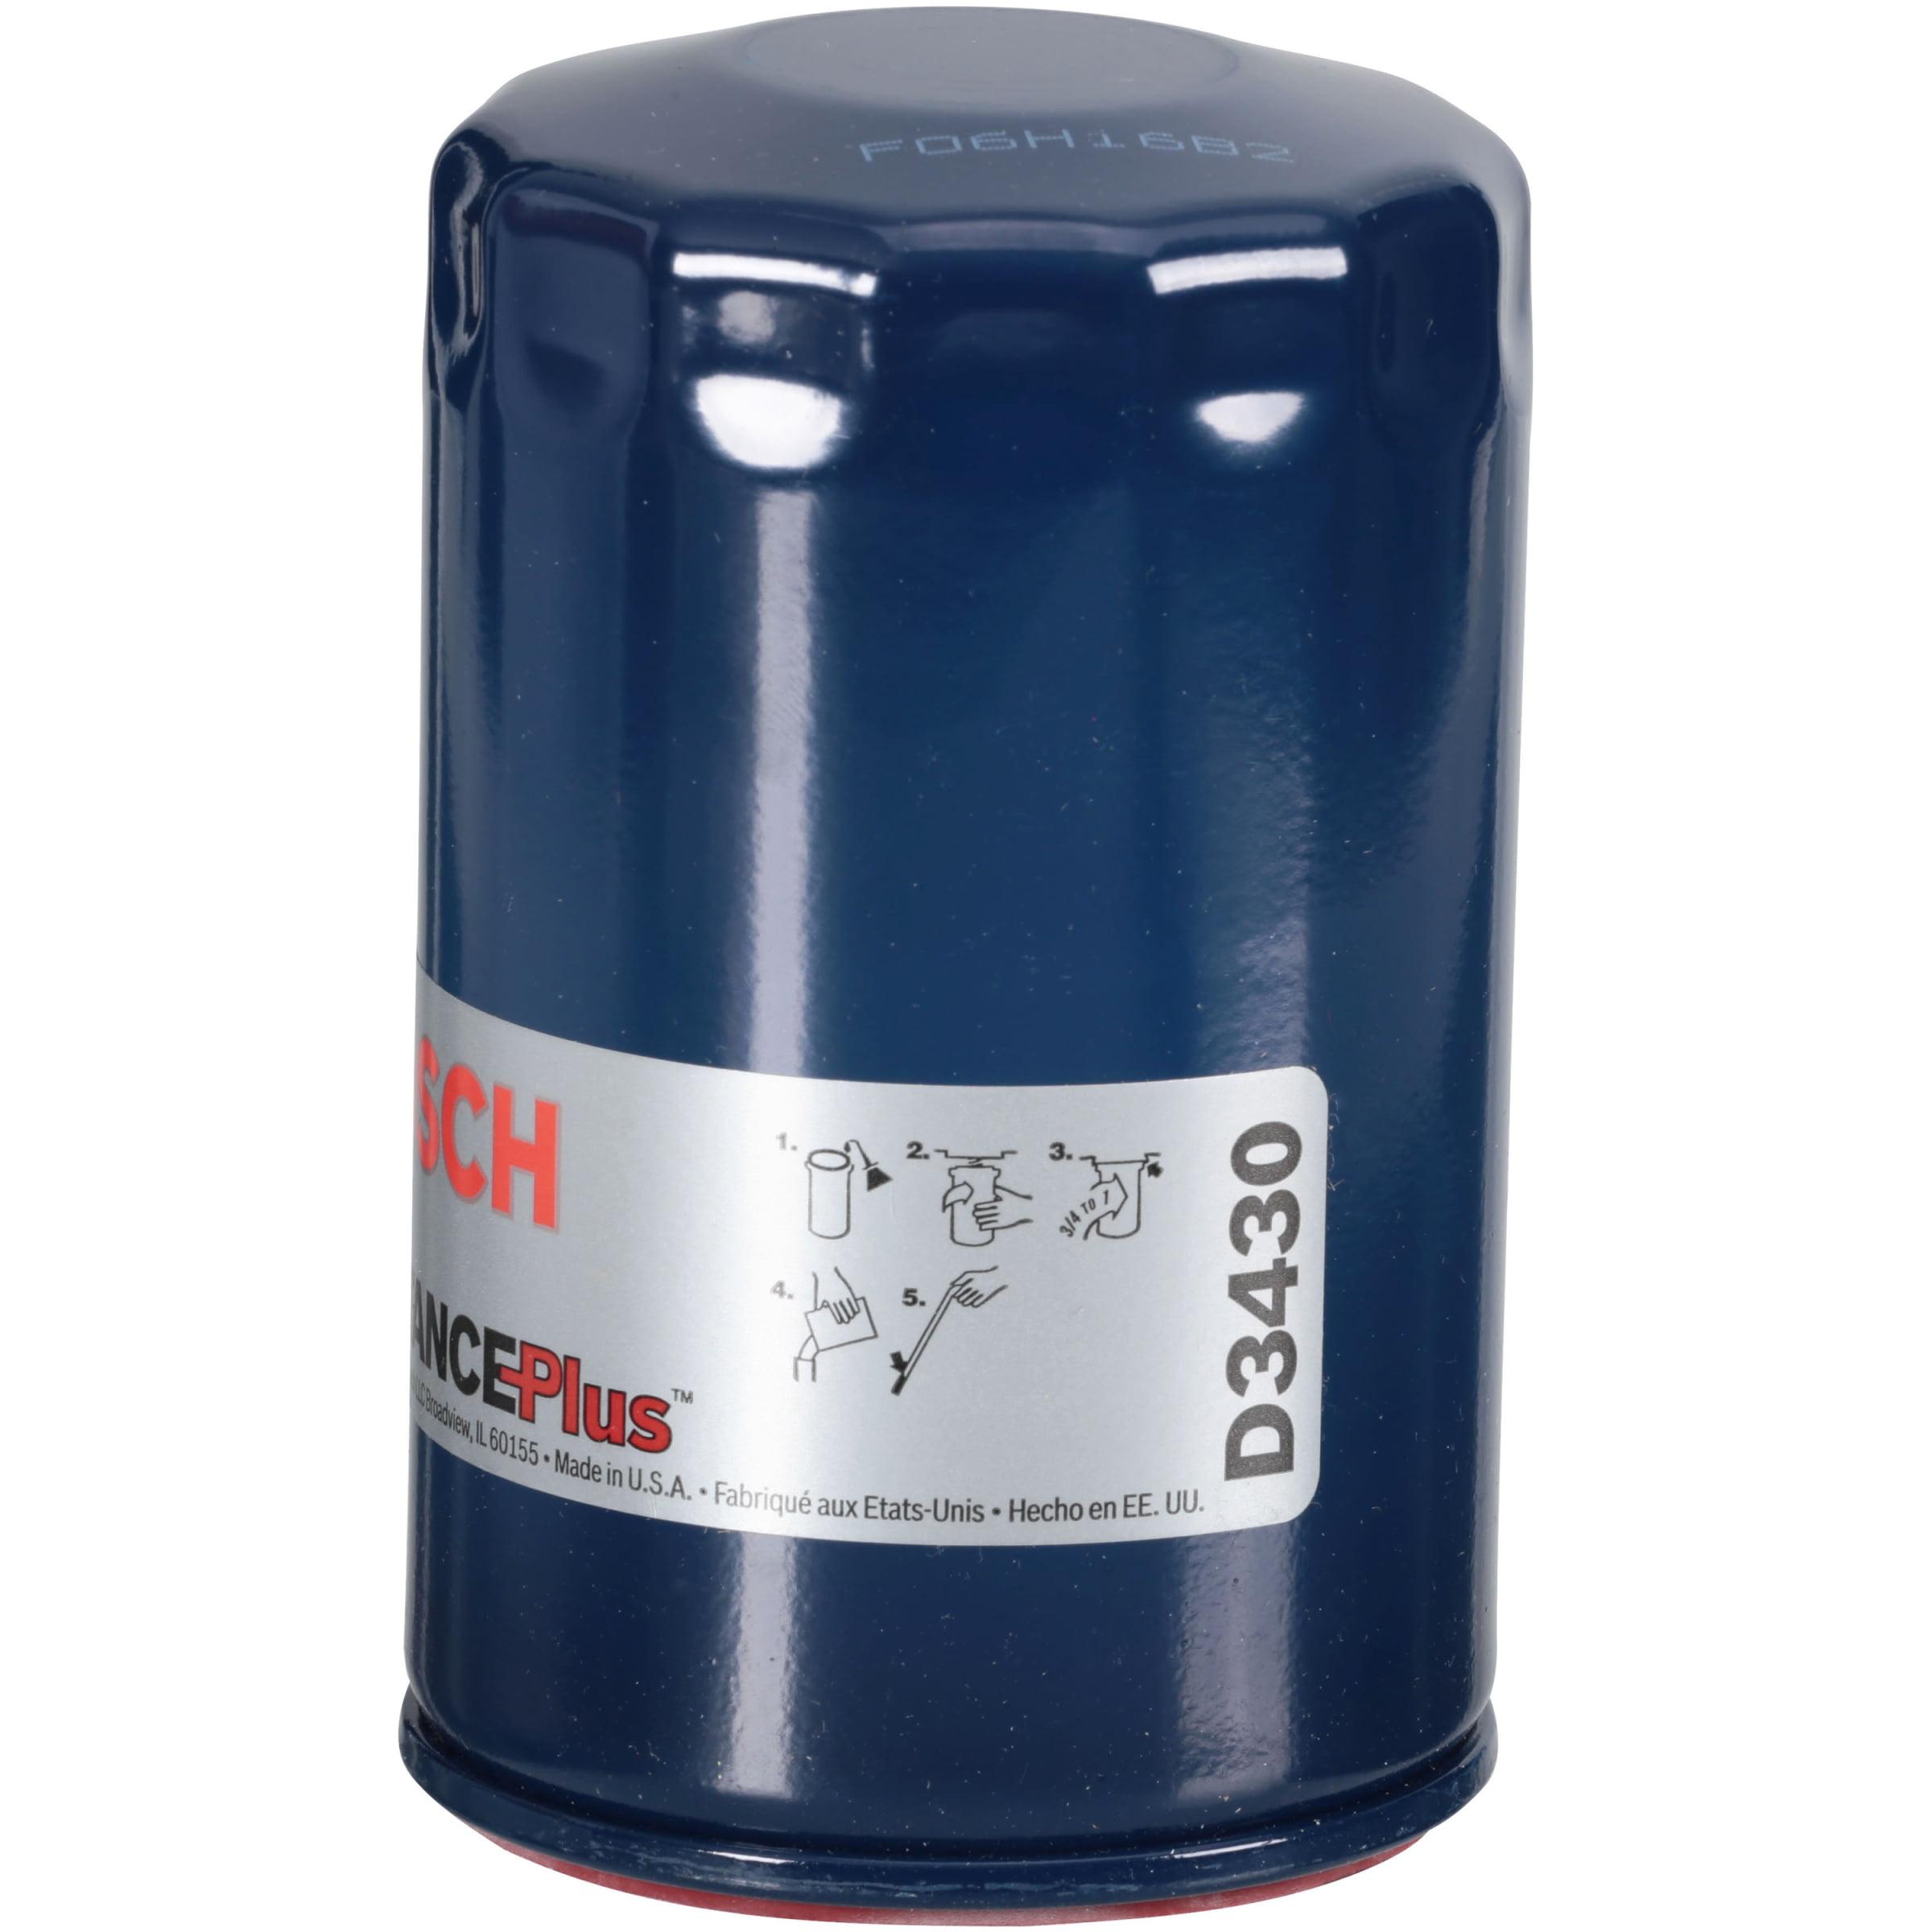 Bosch 3511 Premium Filtech Oil Filter